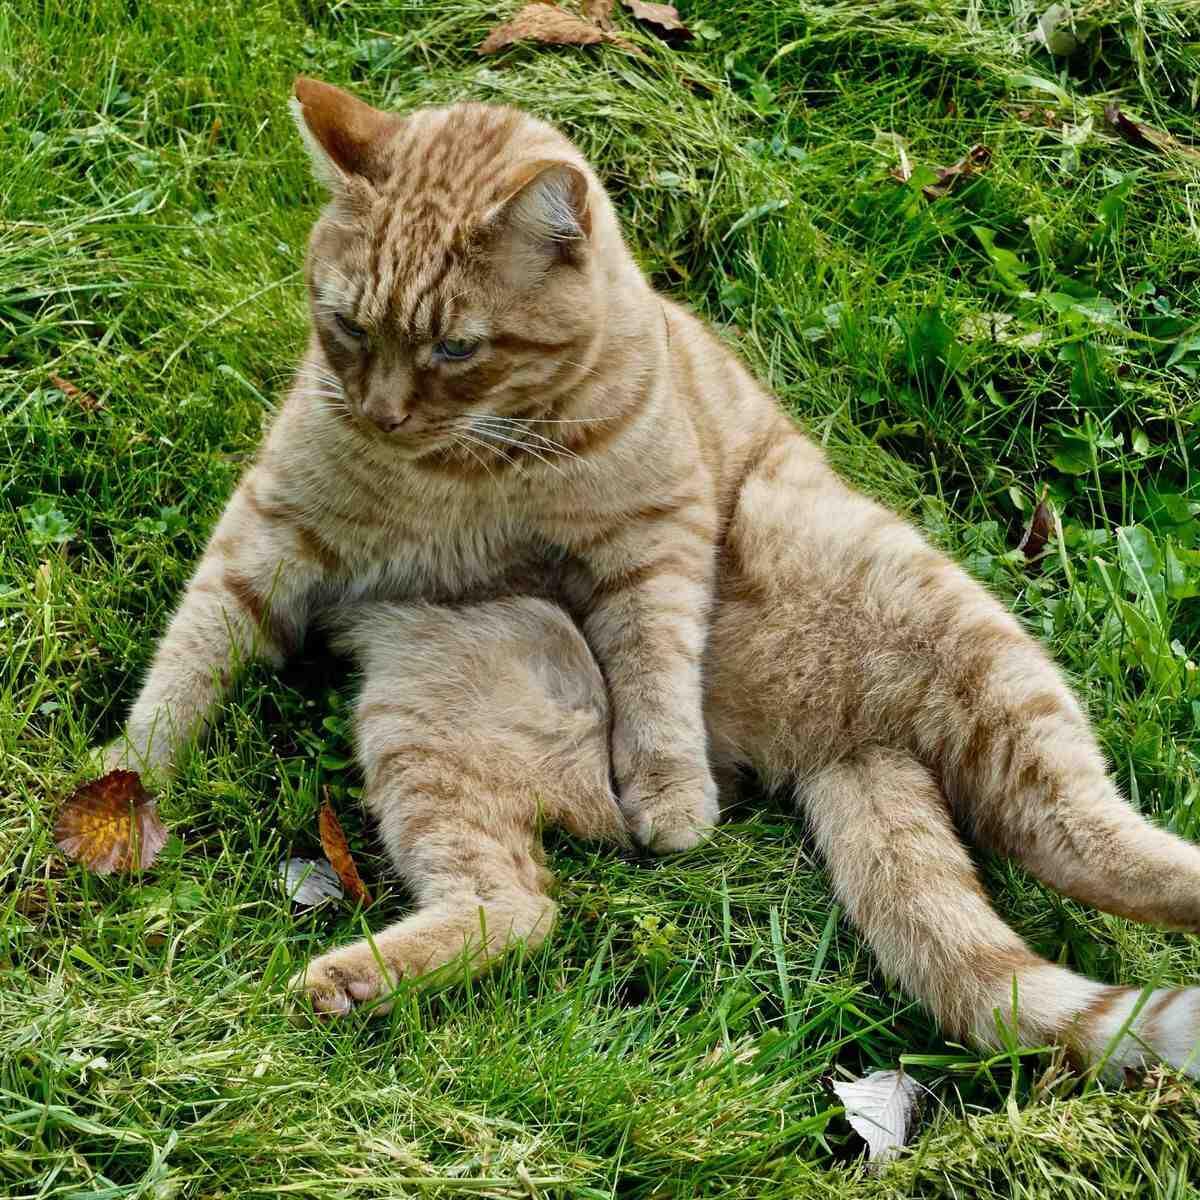 Qu'est ce qui peut attaquer un chat ?